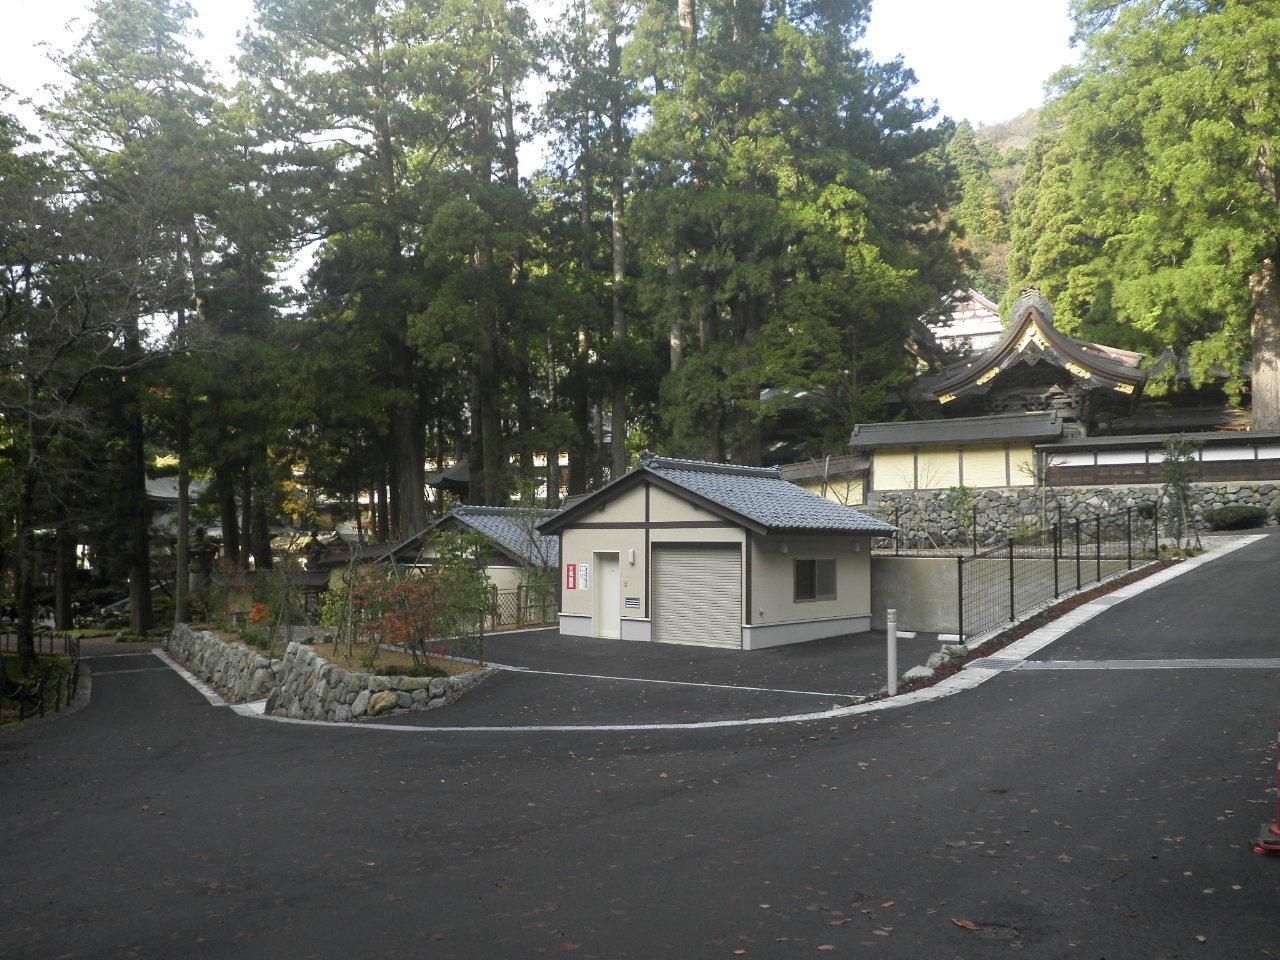 大本山永平寺 環境整備に伴う便所・倉庫・駐車場 建設工事